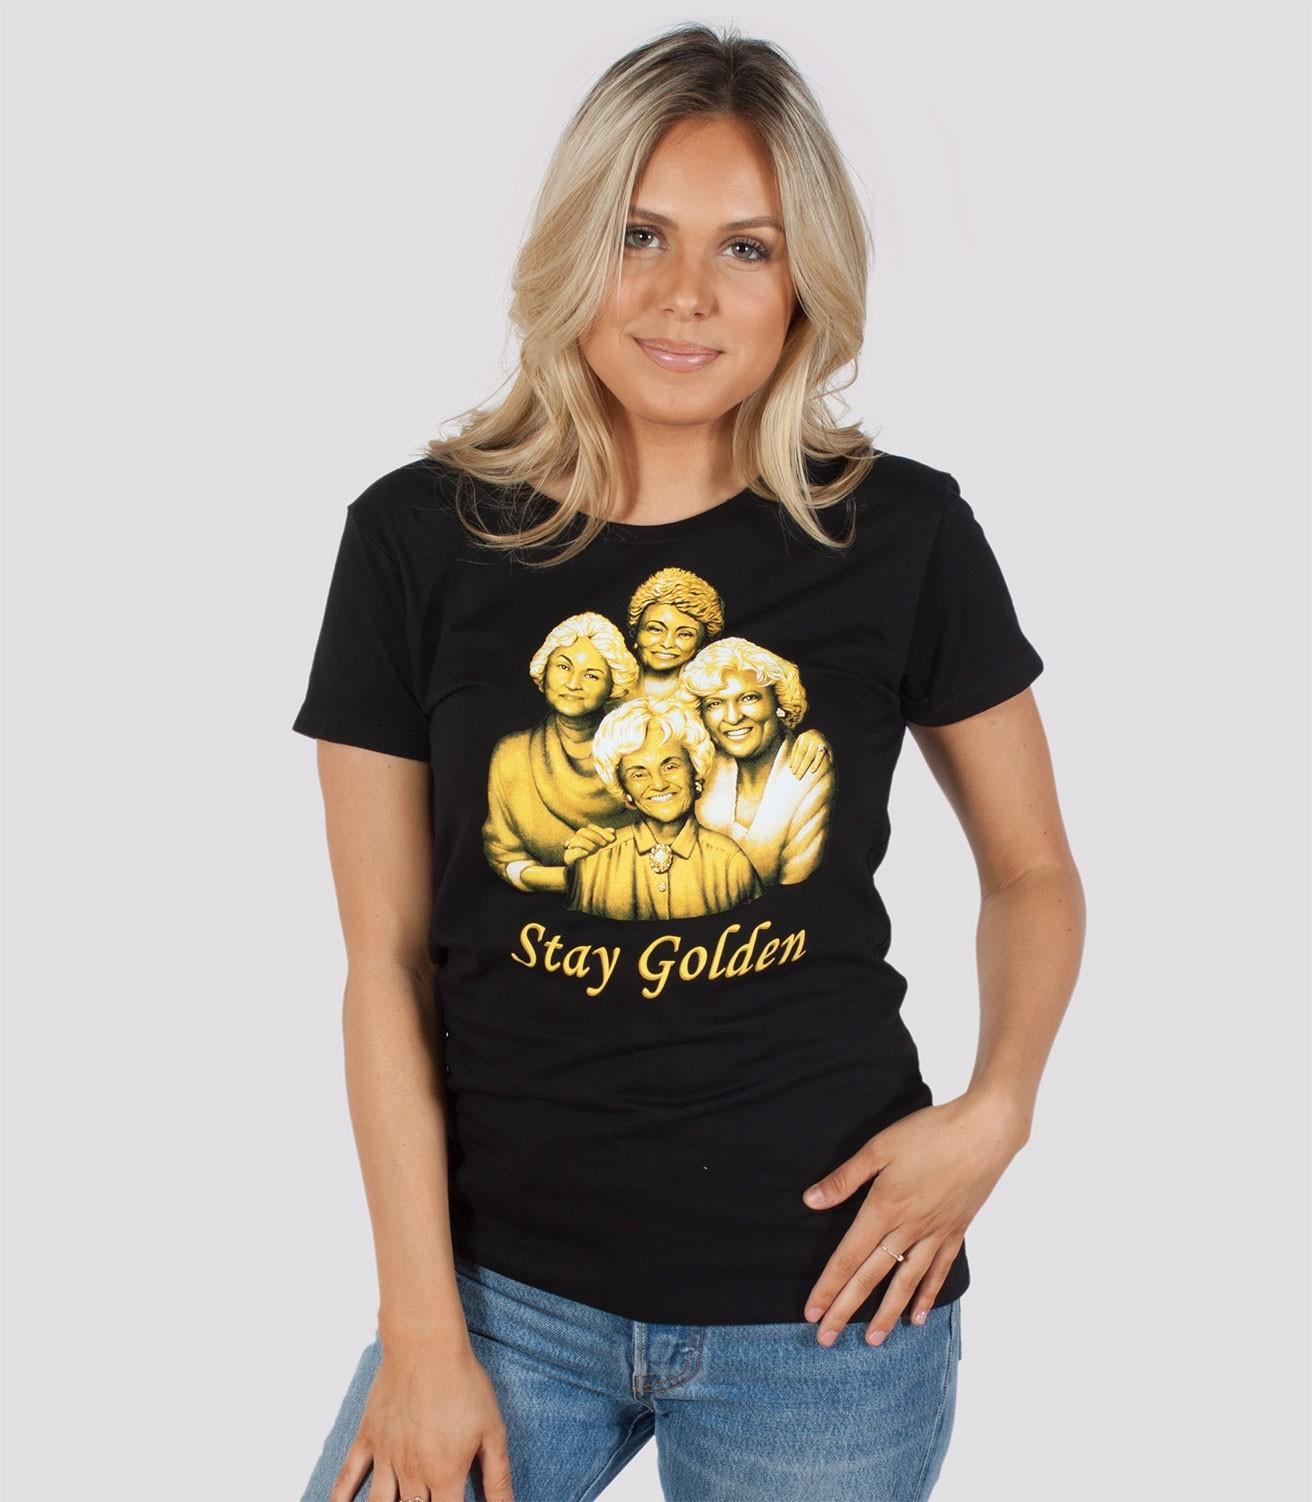 a10197b36 Stay Golden Women's Funny Golden Girls T-Shirt | Headline Shirts